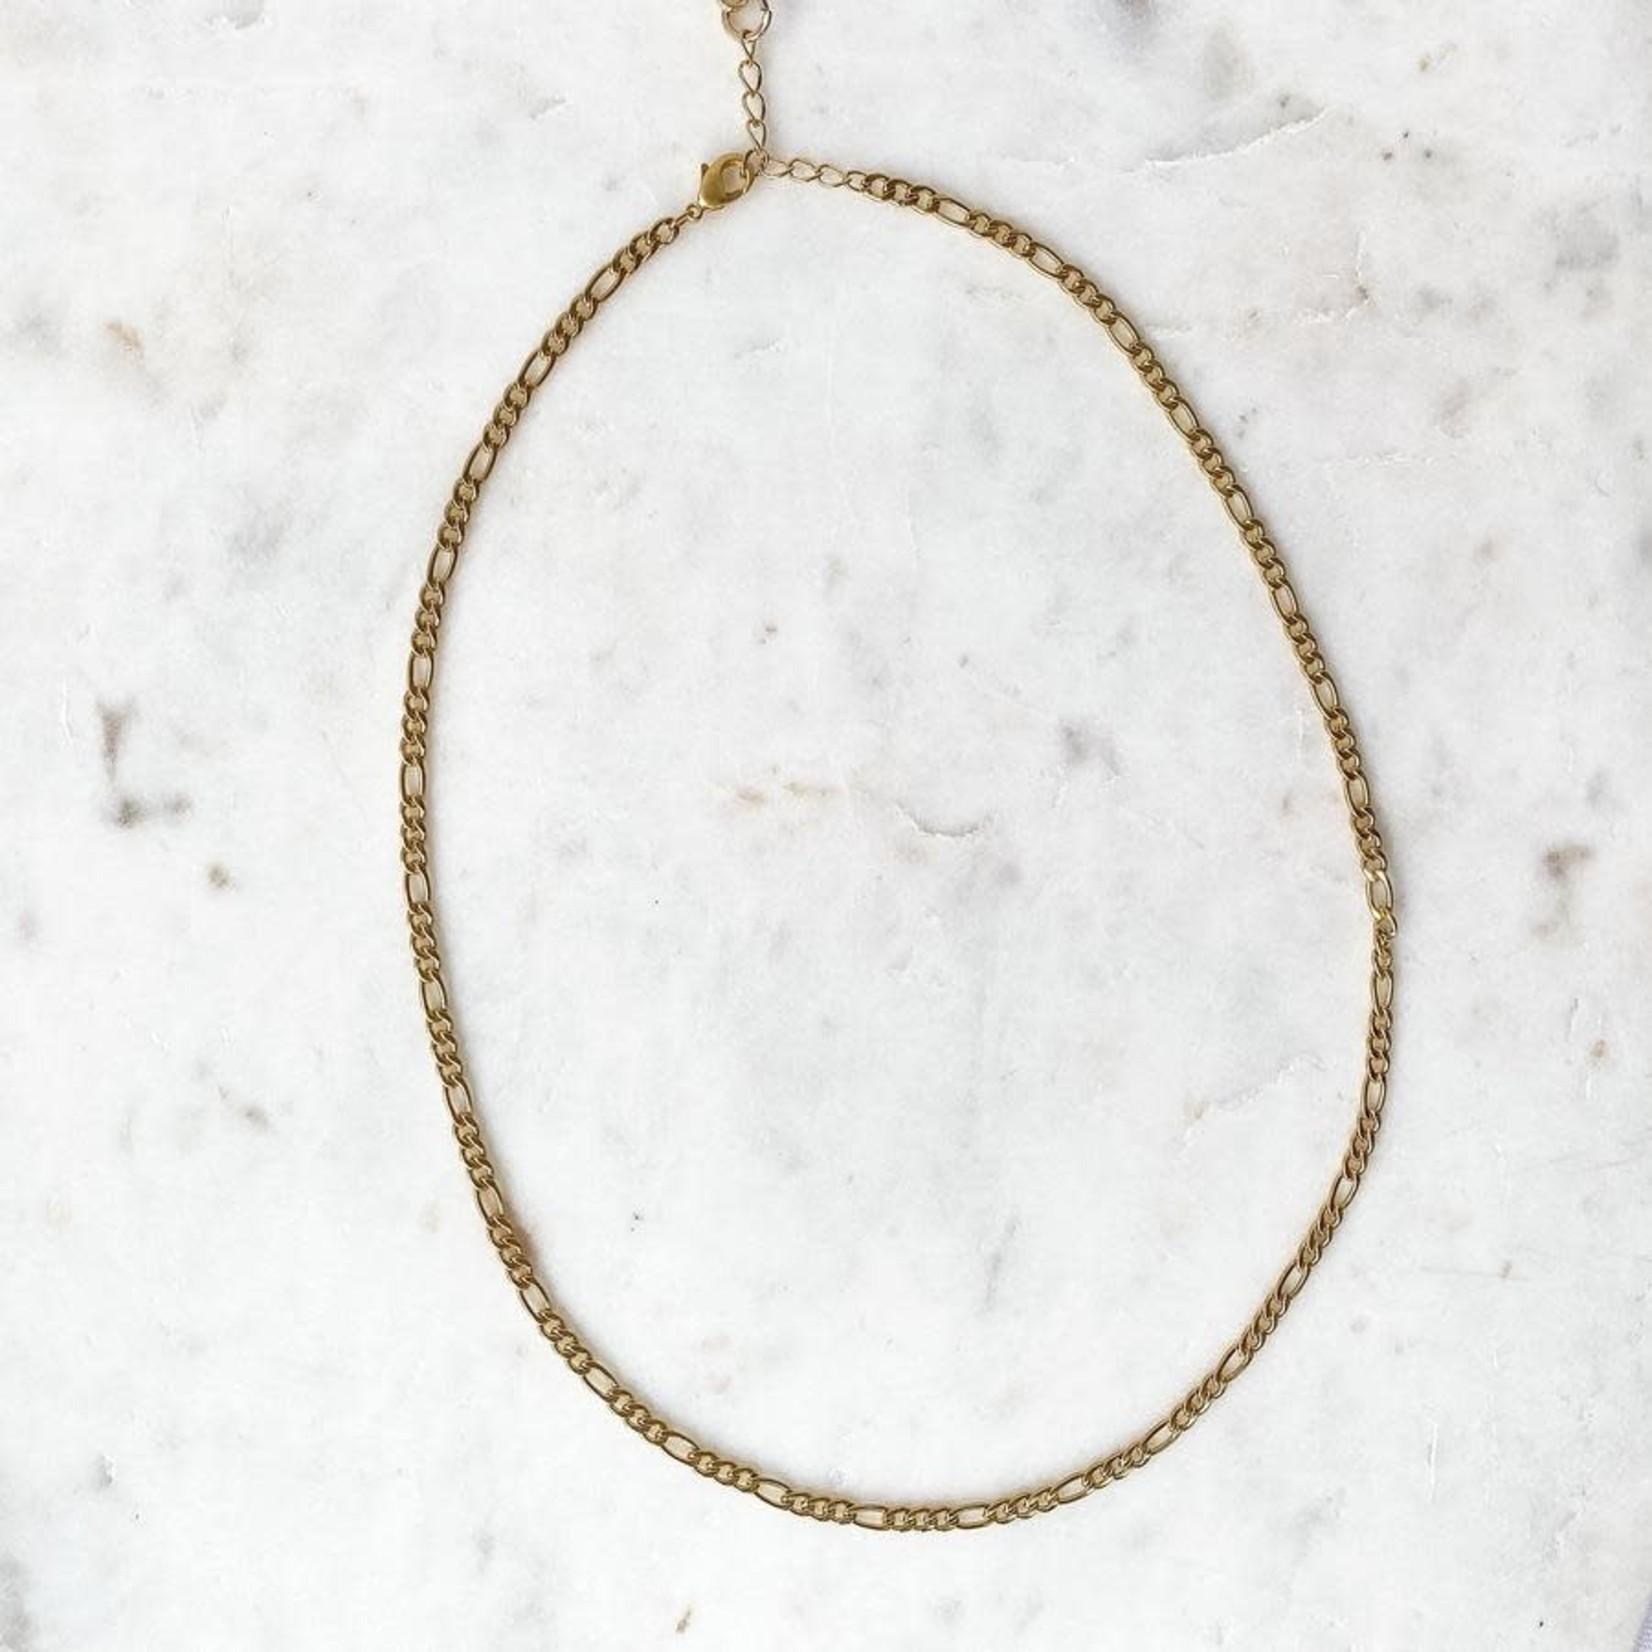 Horace Jewelry Horace collier FIGO